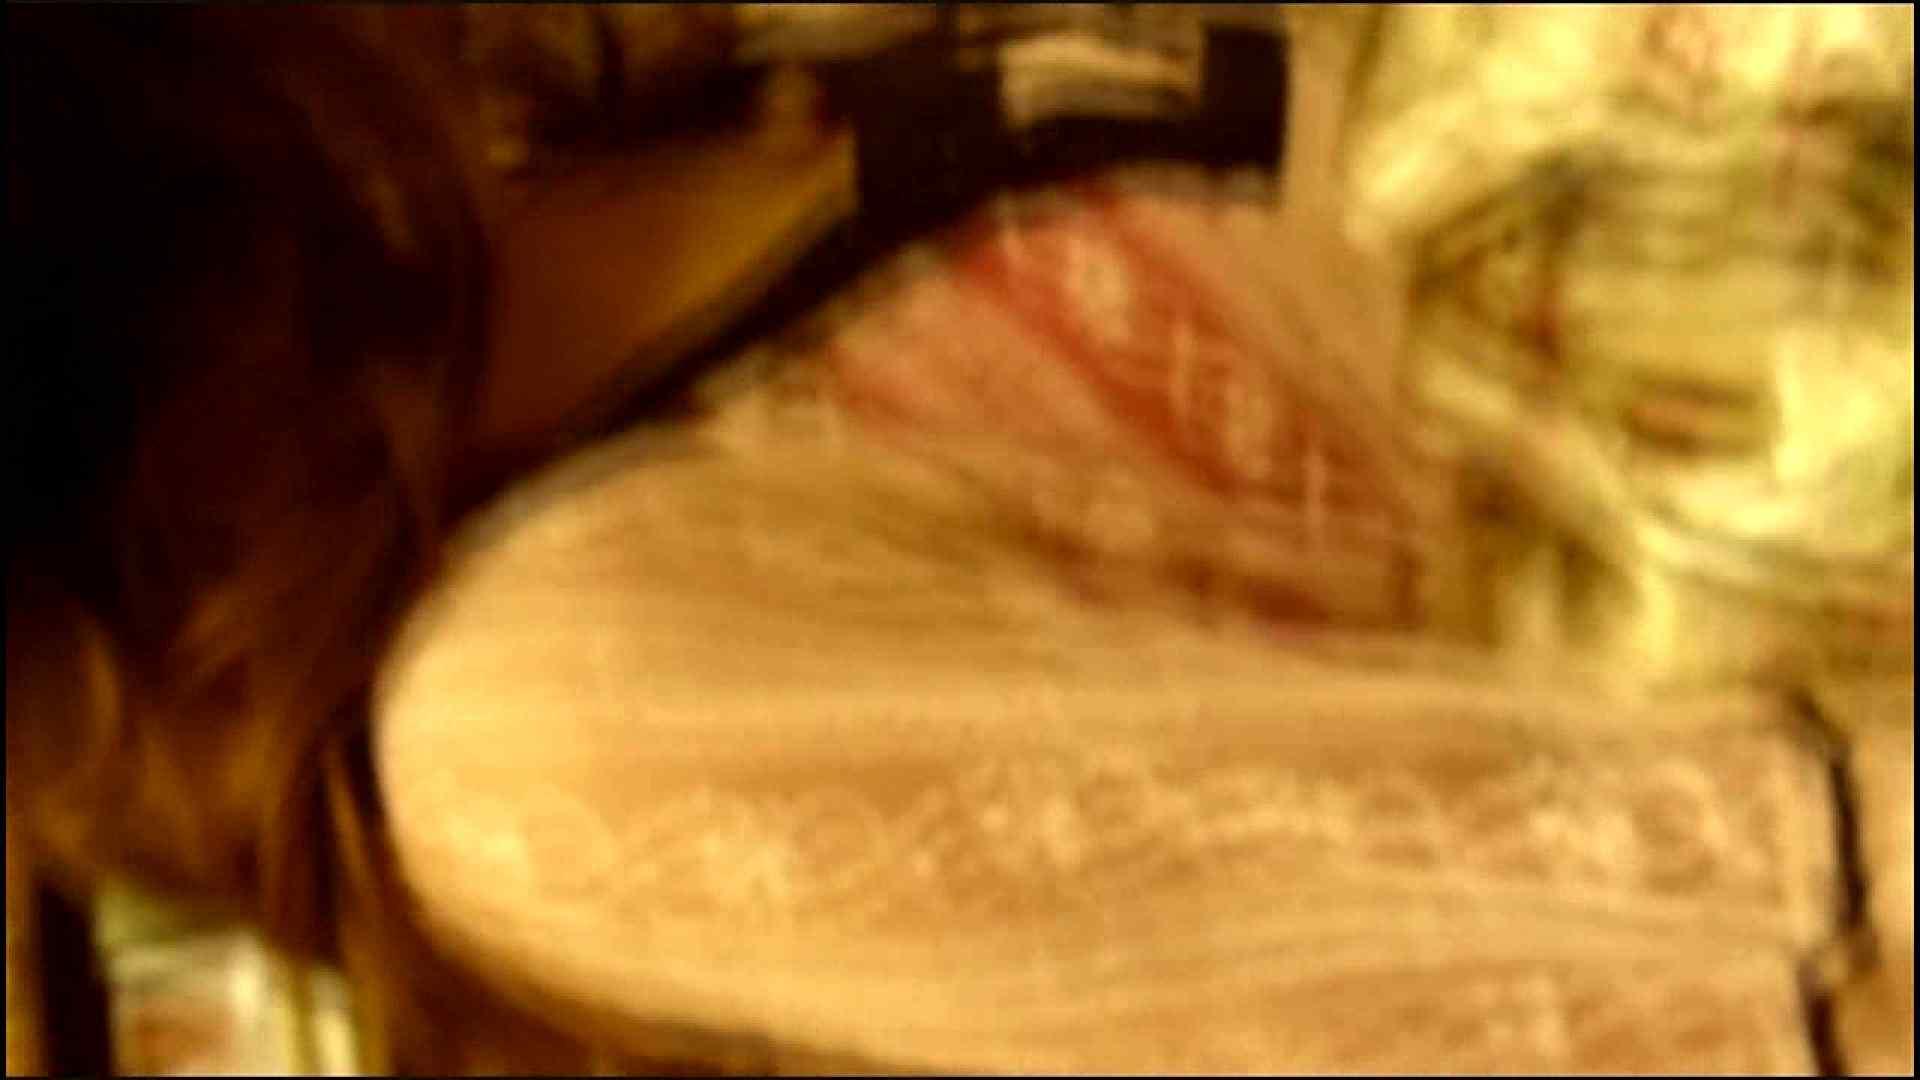 NO.2 本屋にいた巨乳ギャル 巨乳 われめAV動画紹介 108画像 6